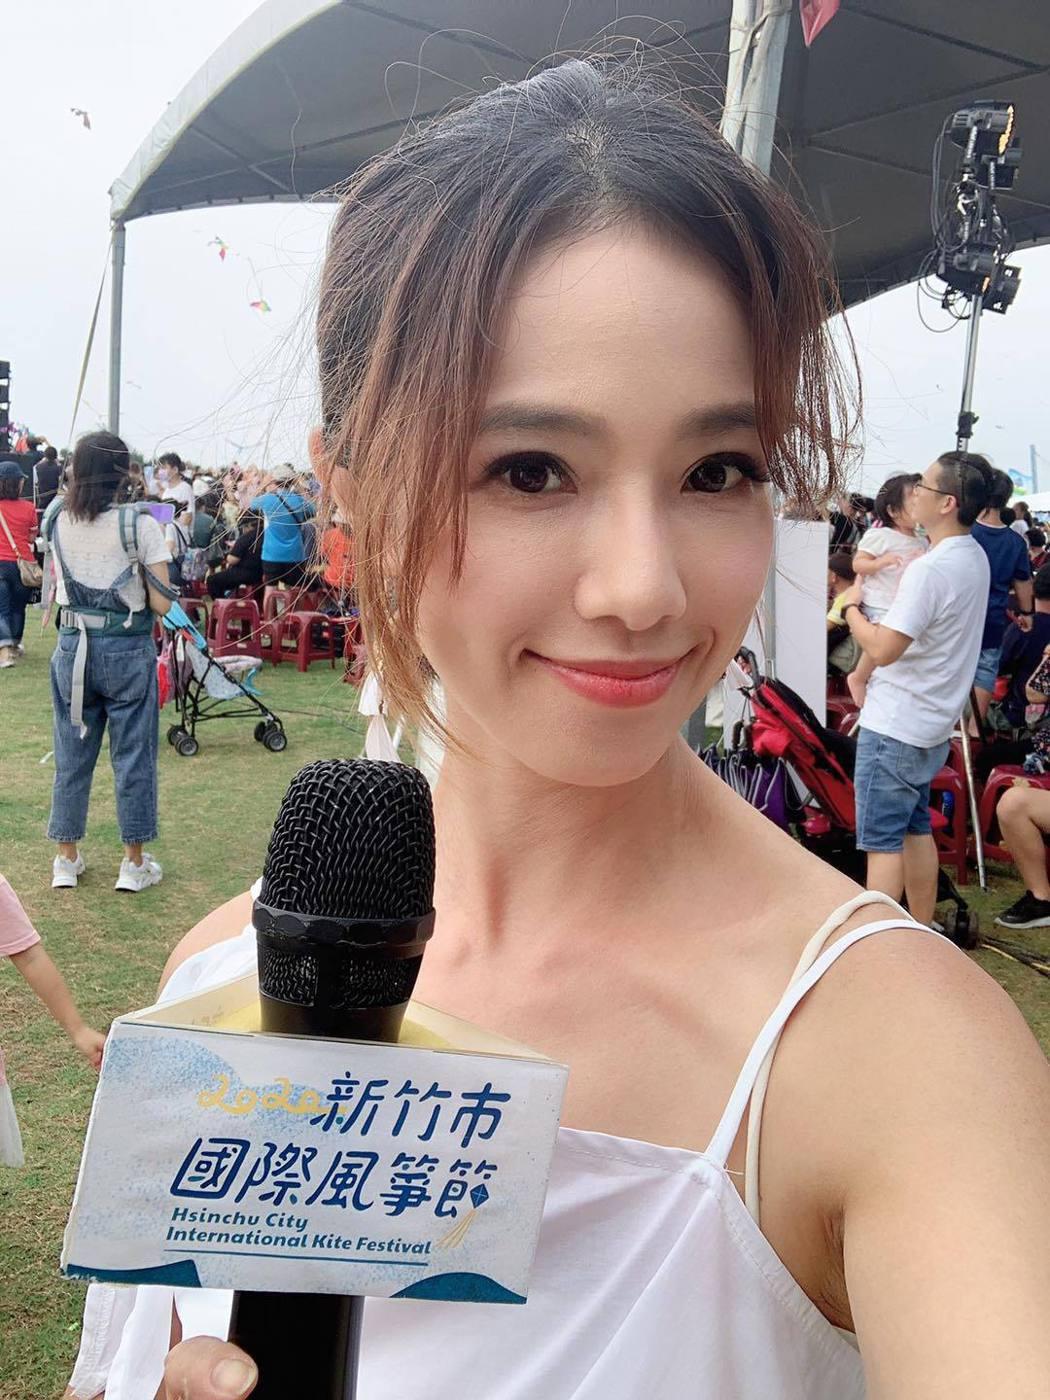 黃瑄是「新竹市國際風箏節」活動主持人。 圖/擷自黃瑄臉書